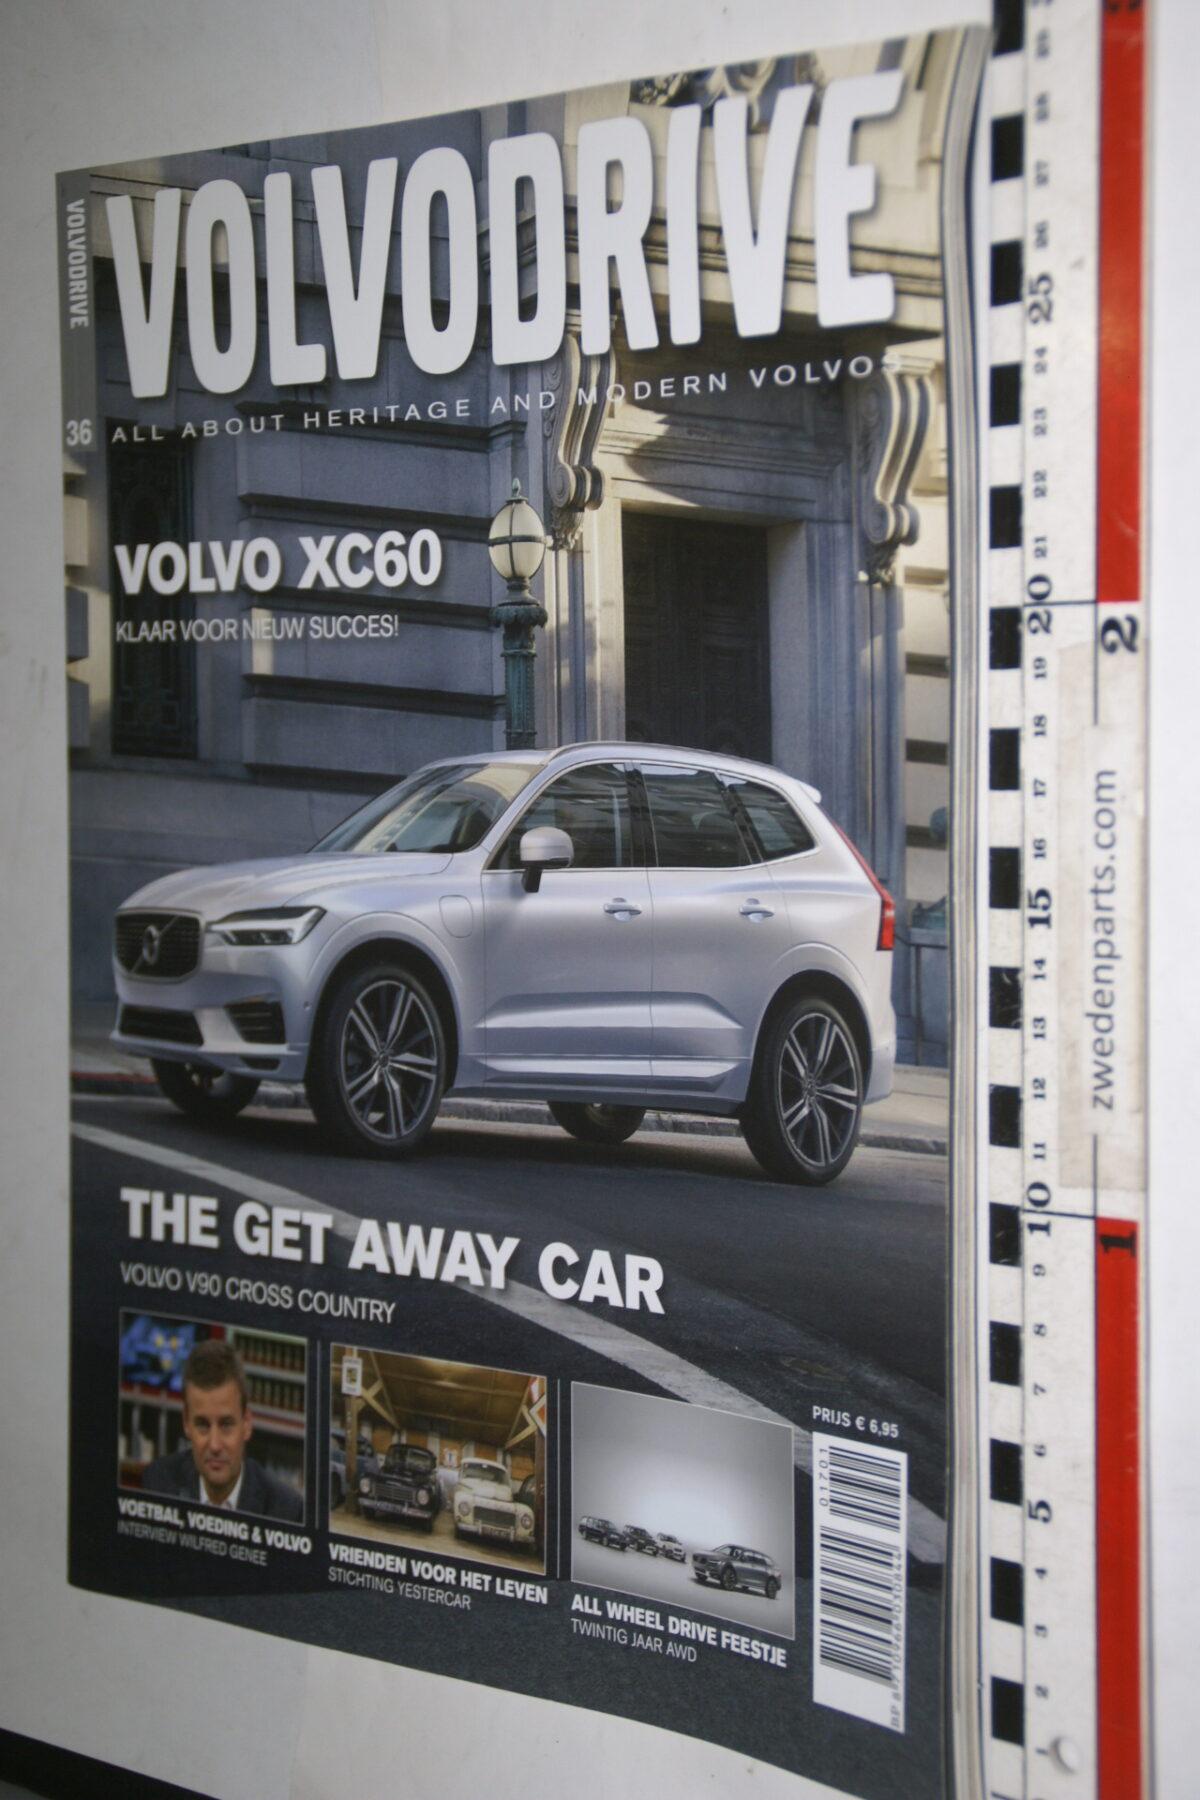 DSC00321 tijdschrift Volvodrive nr 36 met XC60 en V90 XC-0d6d19de